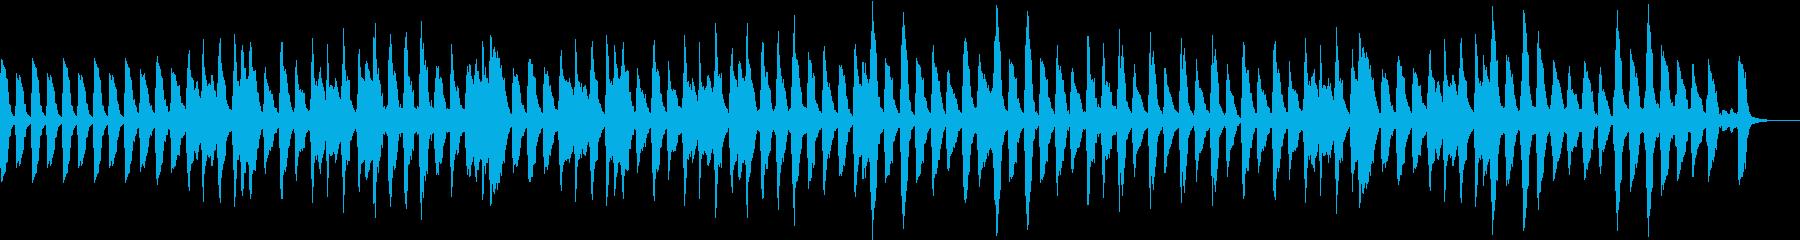 ほのぼのな日常的曲の再生済みの波形